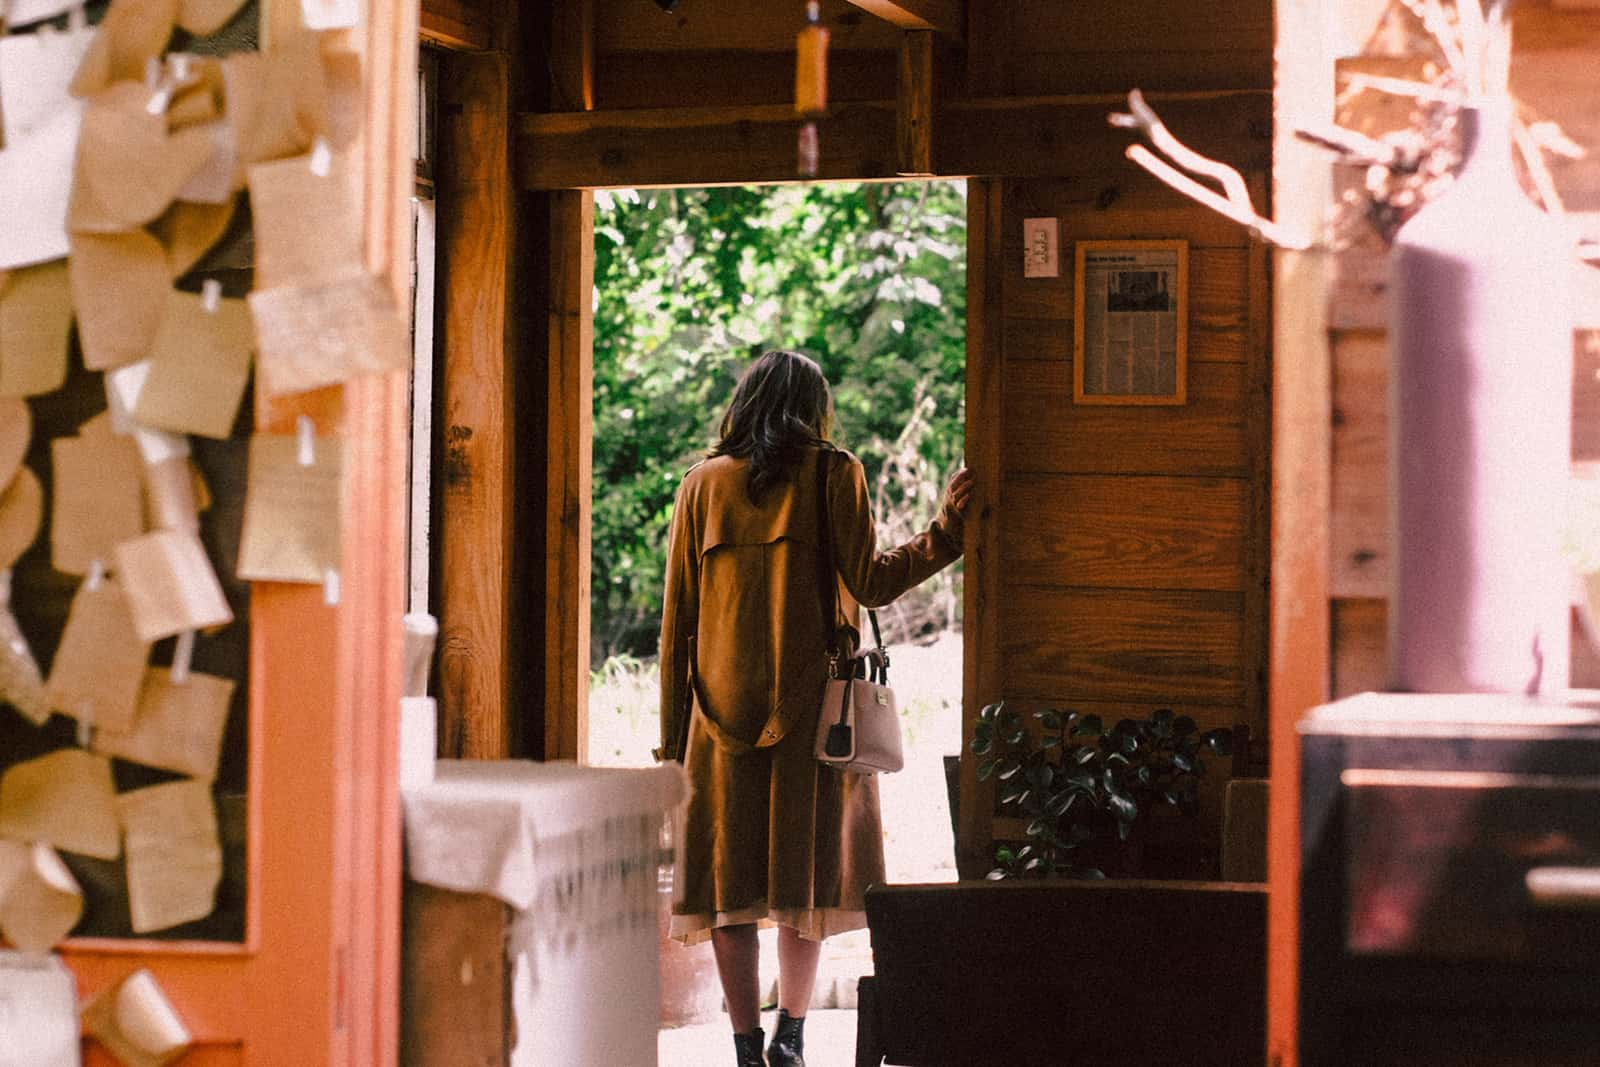 eine Frau, die beim Verlassen des Hauses an einer Tür steht